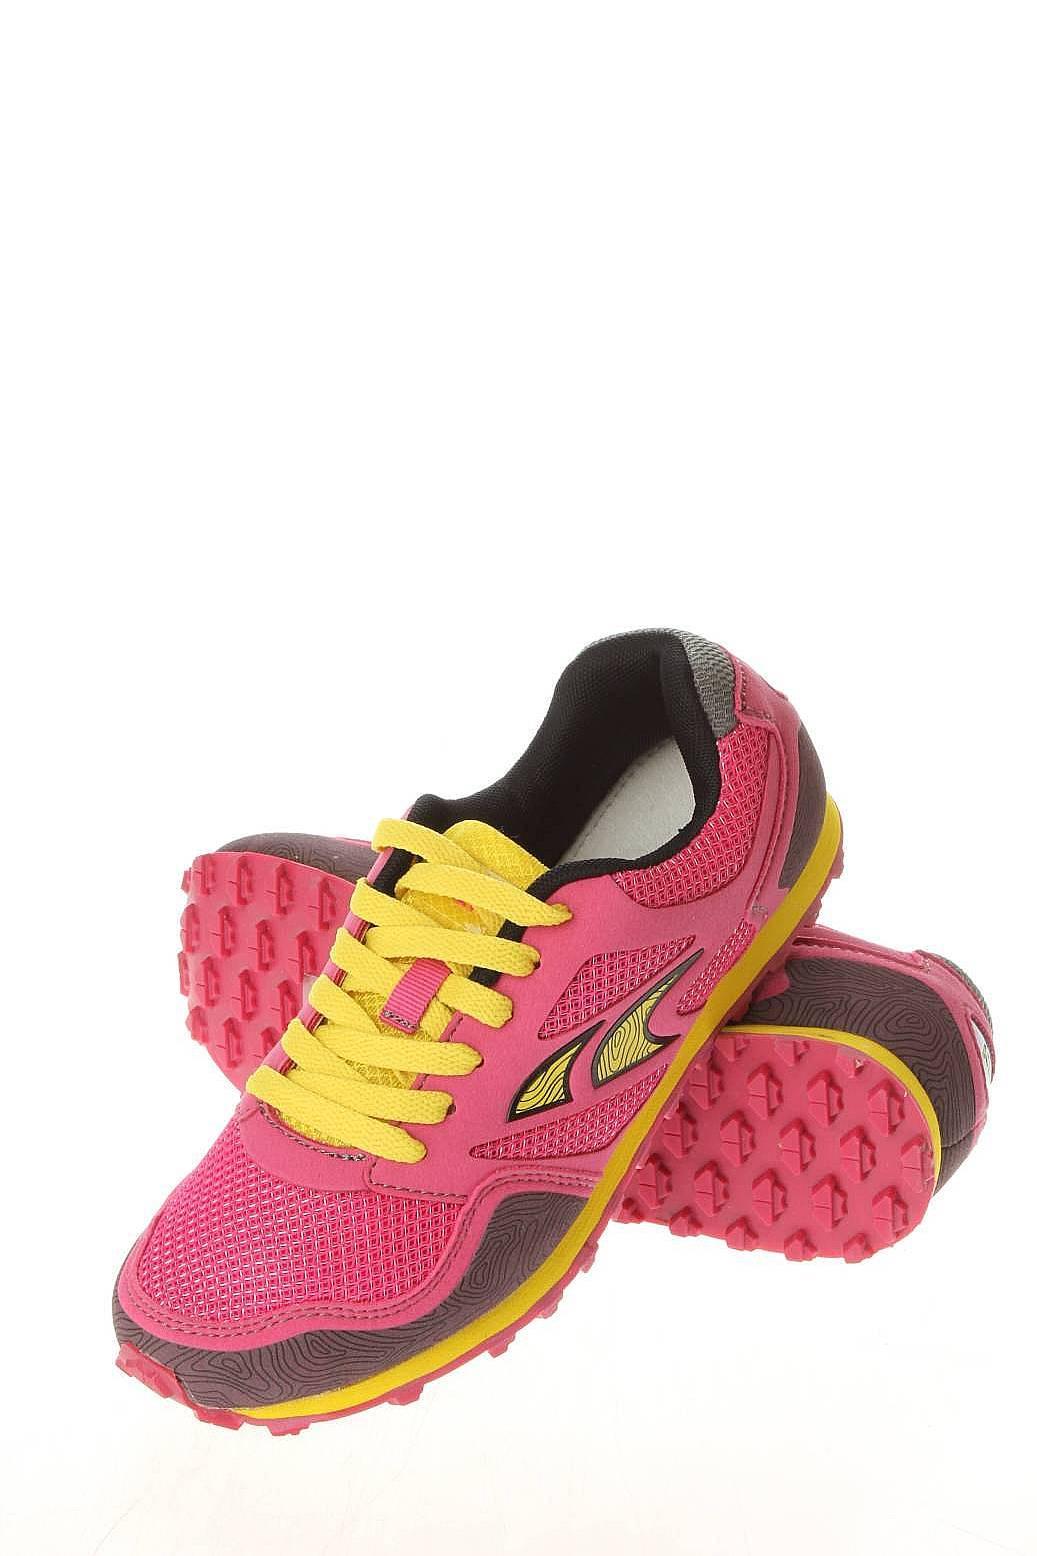 Мужская Обувь Детская Обувь Кроссовки: KENKA Обувь